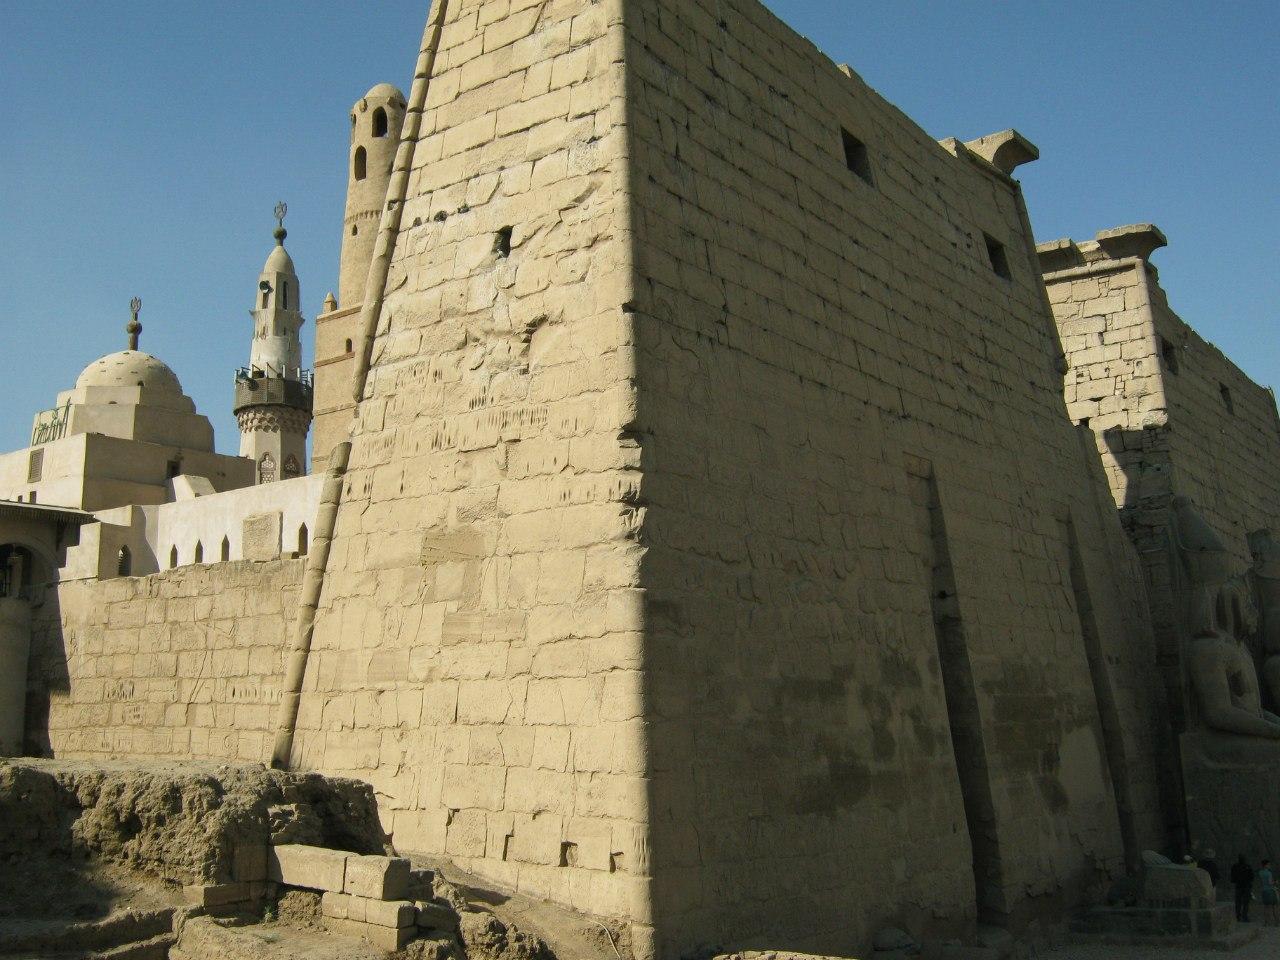 мечеть со святой гробницей в древнем храме Луксор